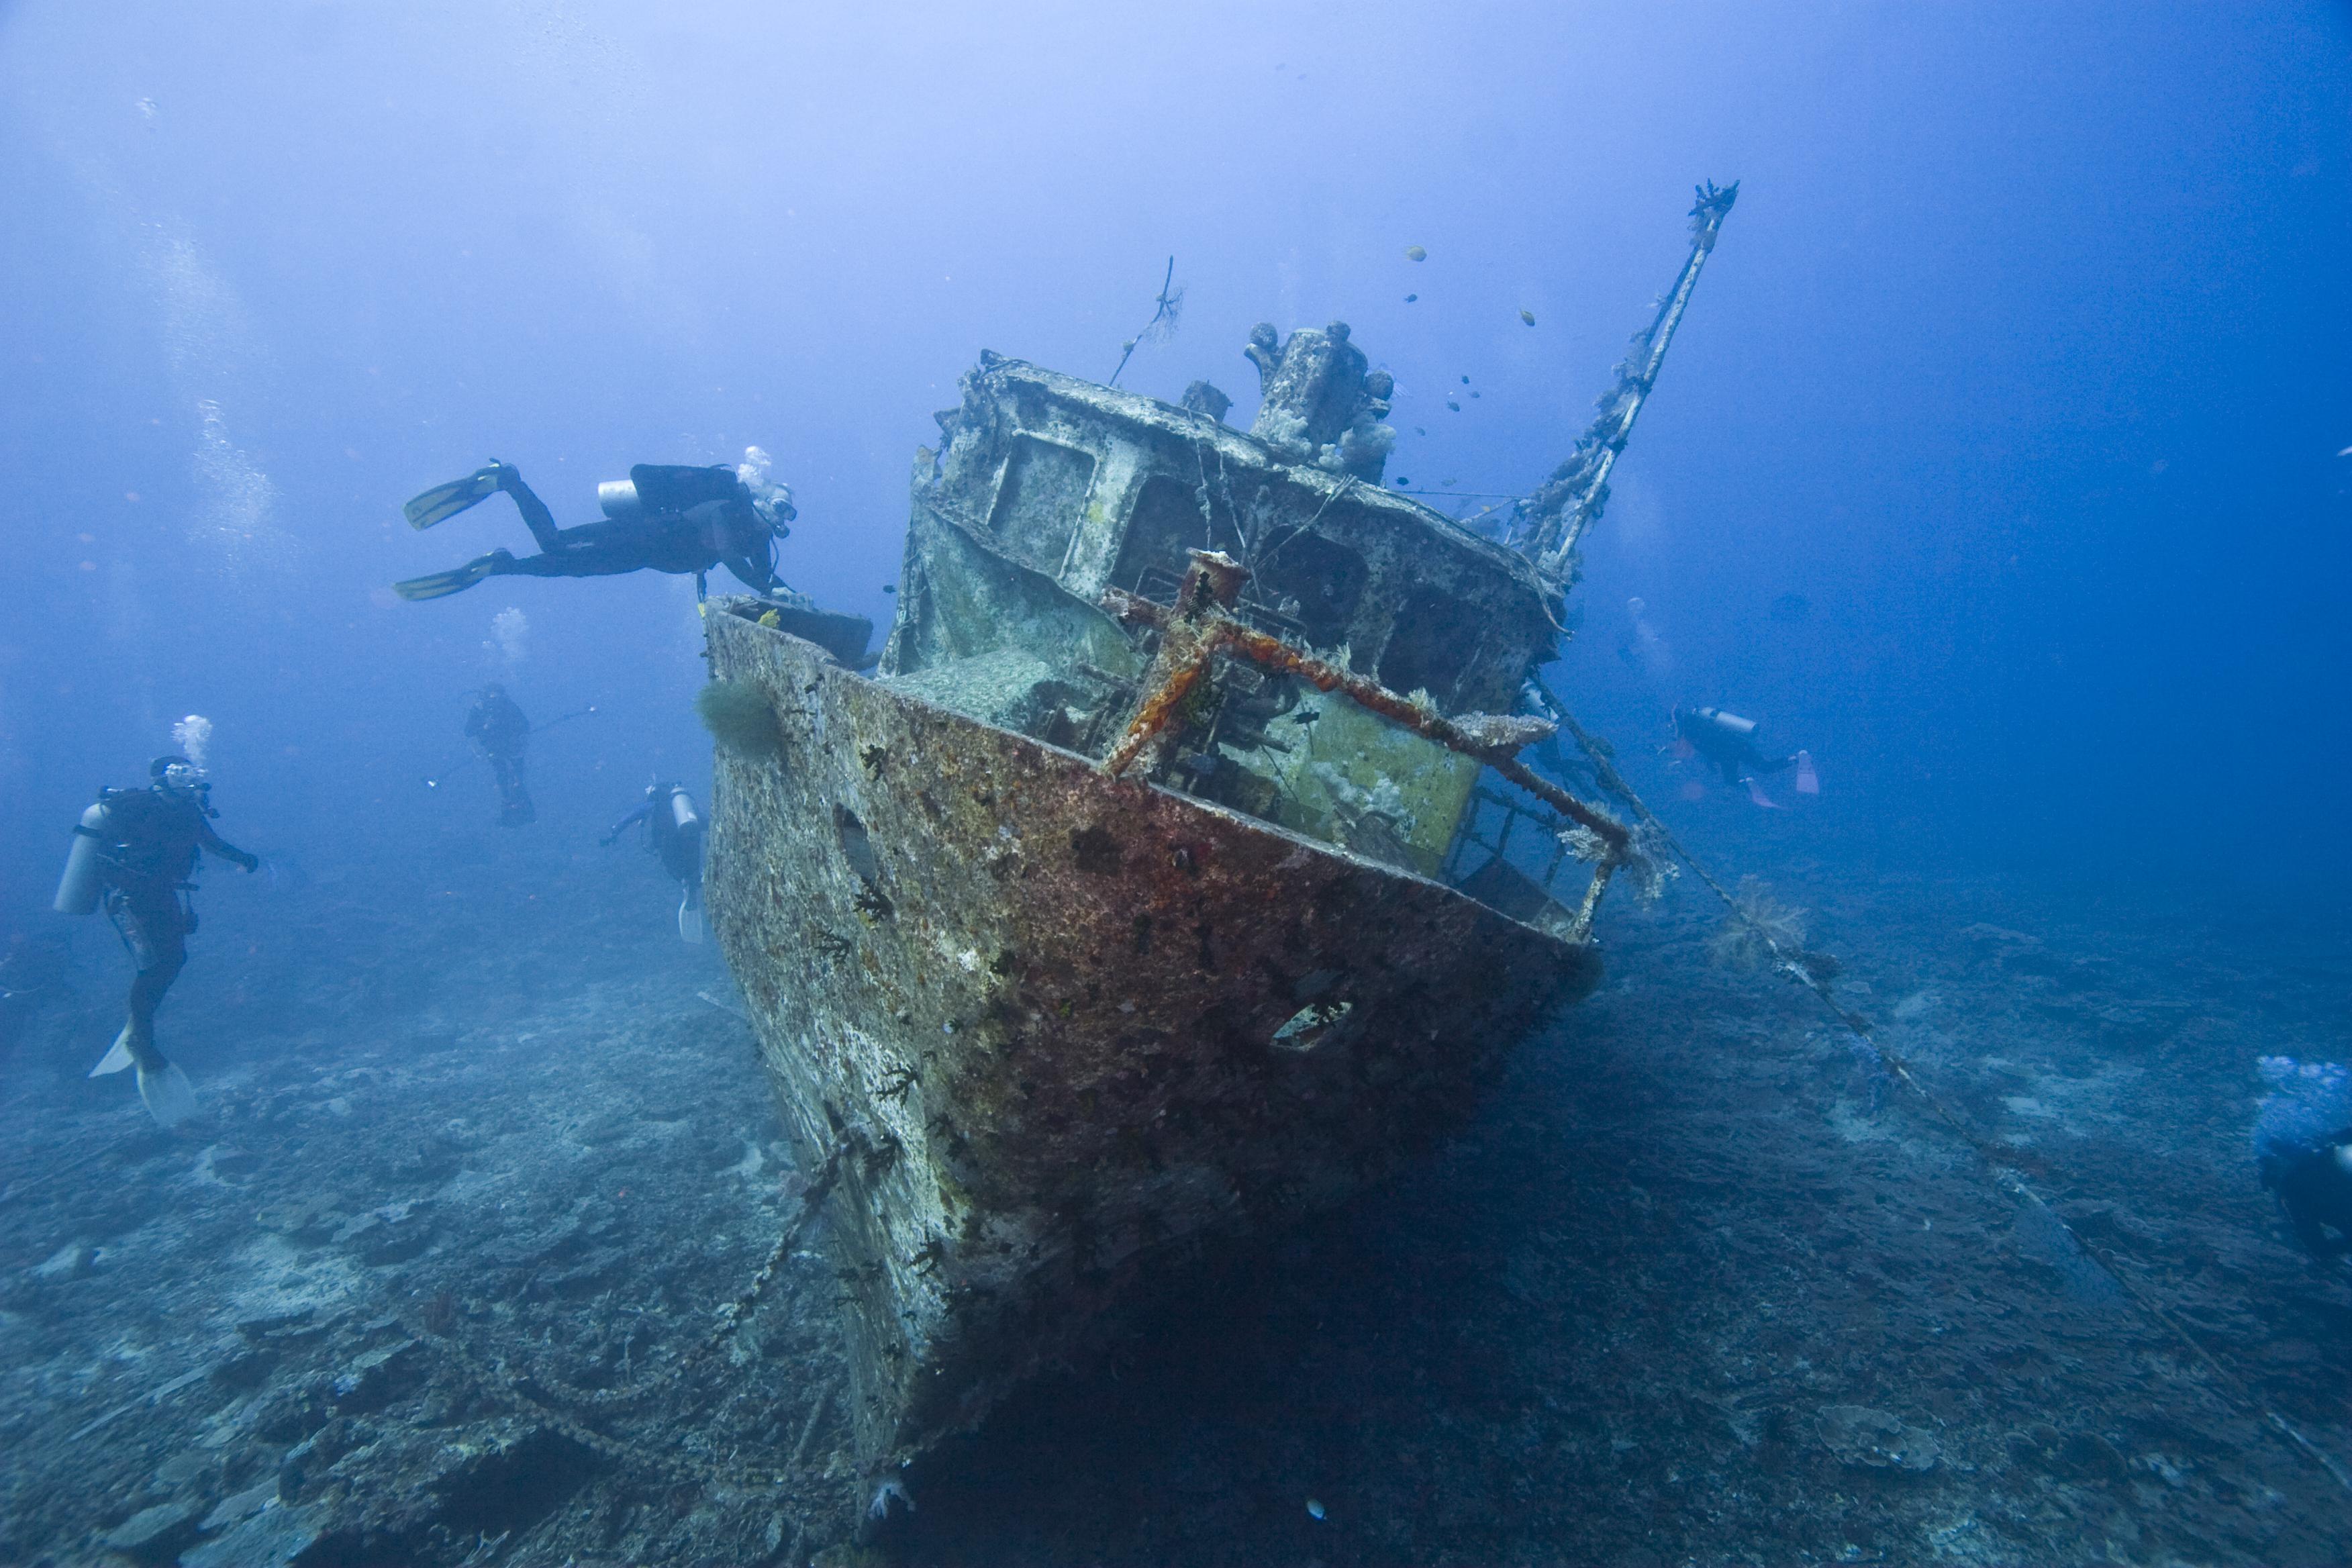 Затонувшие корабли - центр развлечений для дайверов